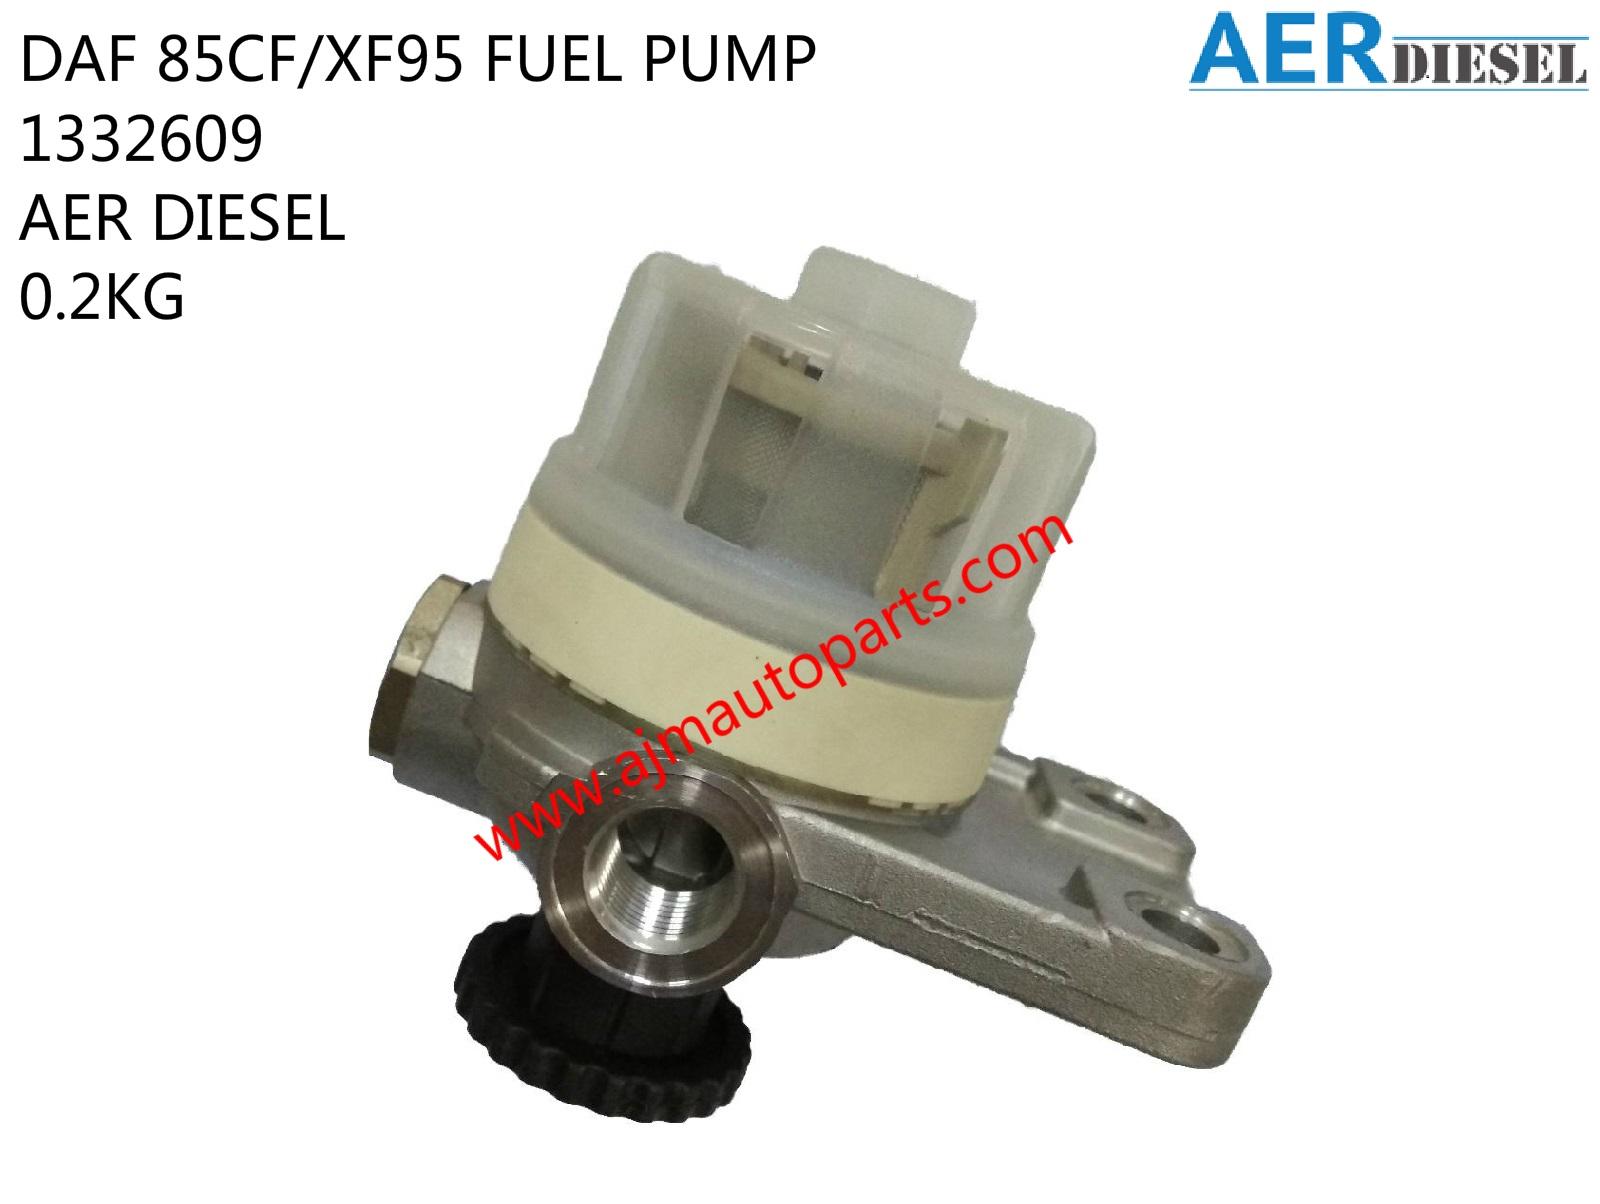 DAF 85CF-XF95 FUEL PUMP-1332609